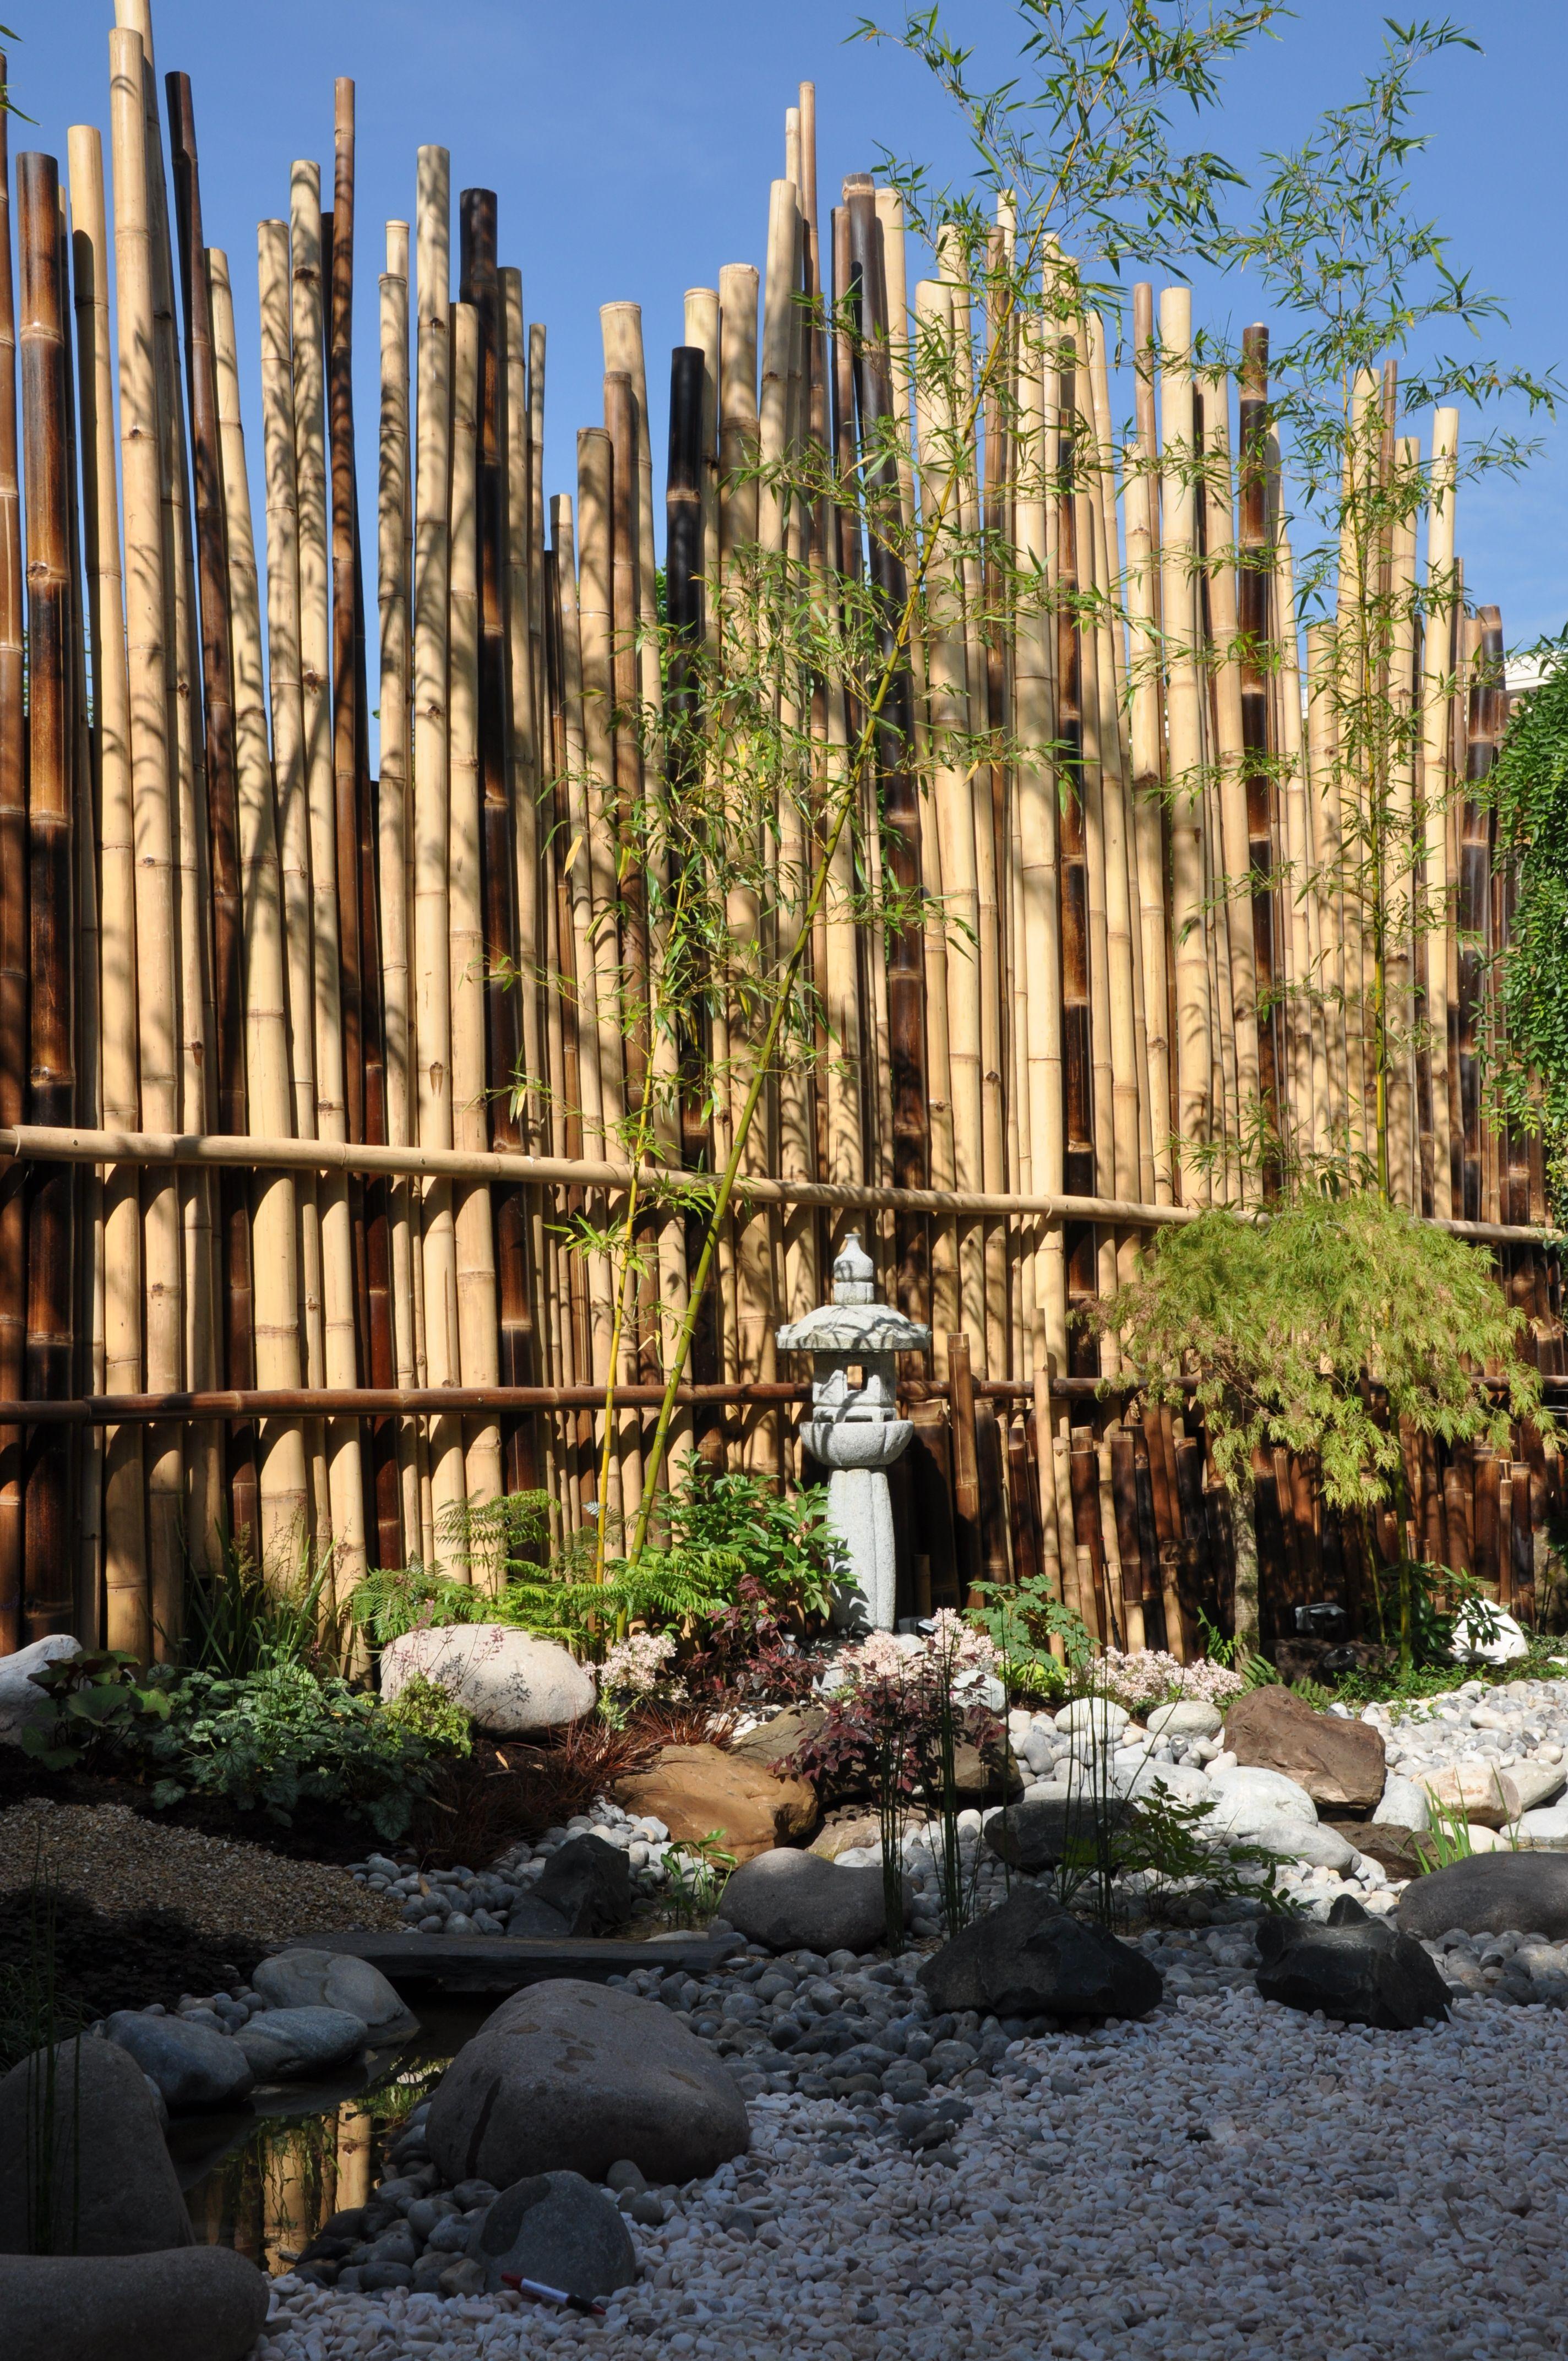 jardin japonais enghien les bains val d 39 oise france. Black Bedroom Furniture Sets. Home Design Ideas